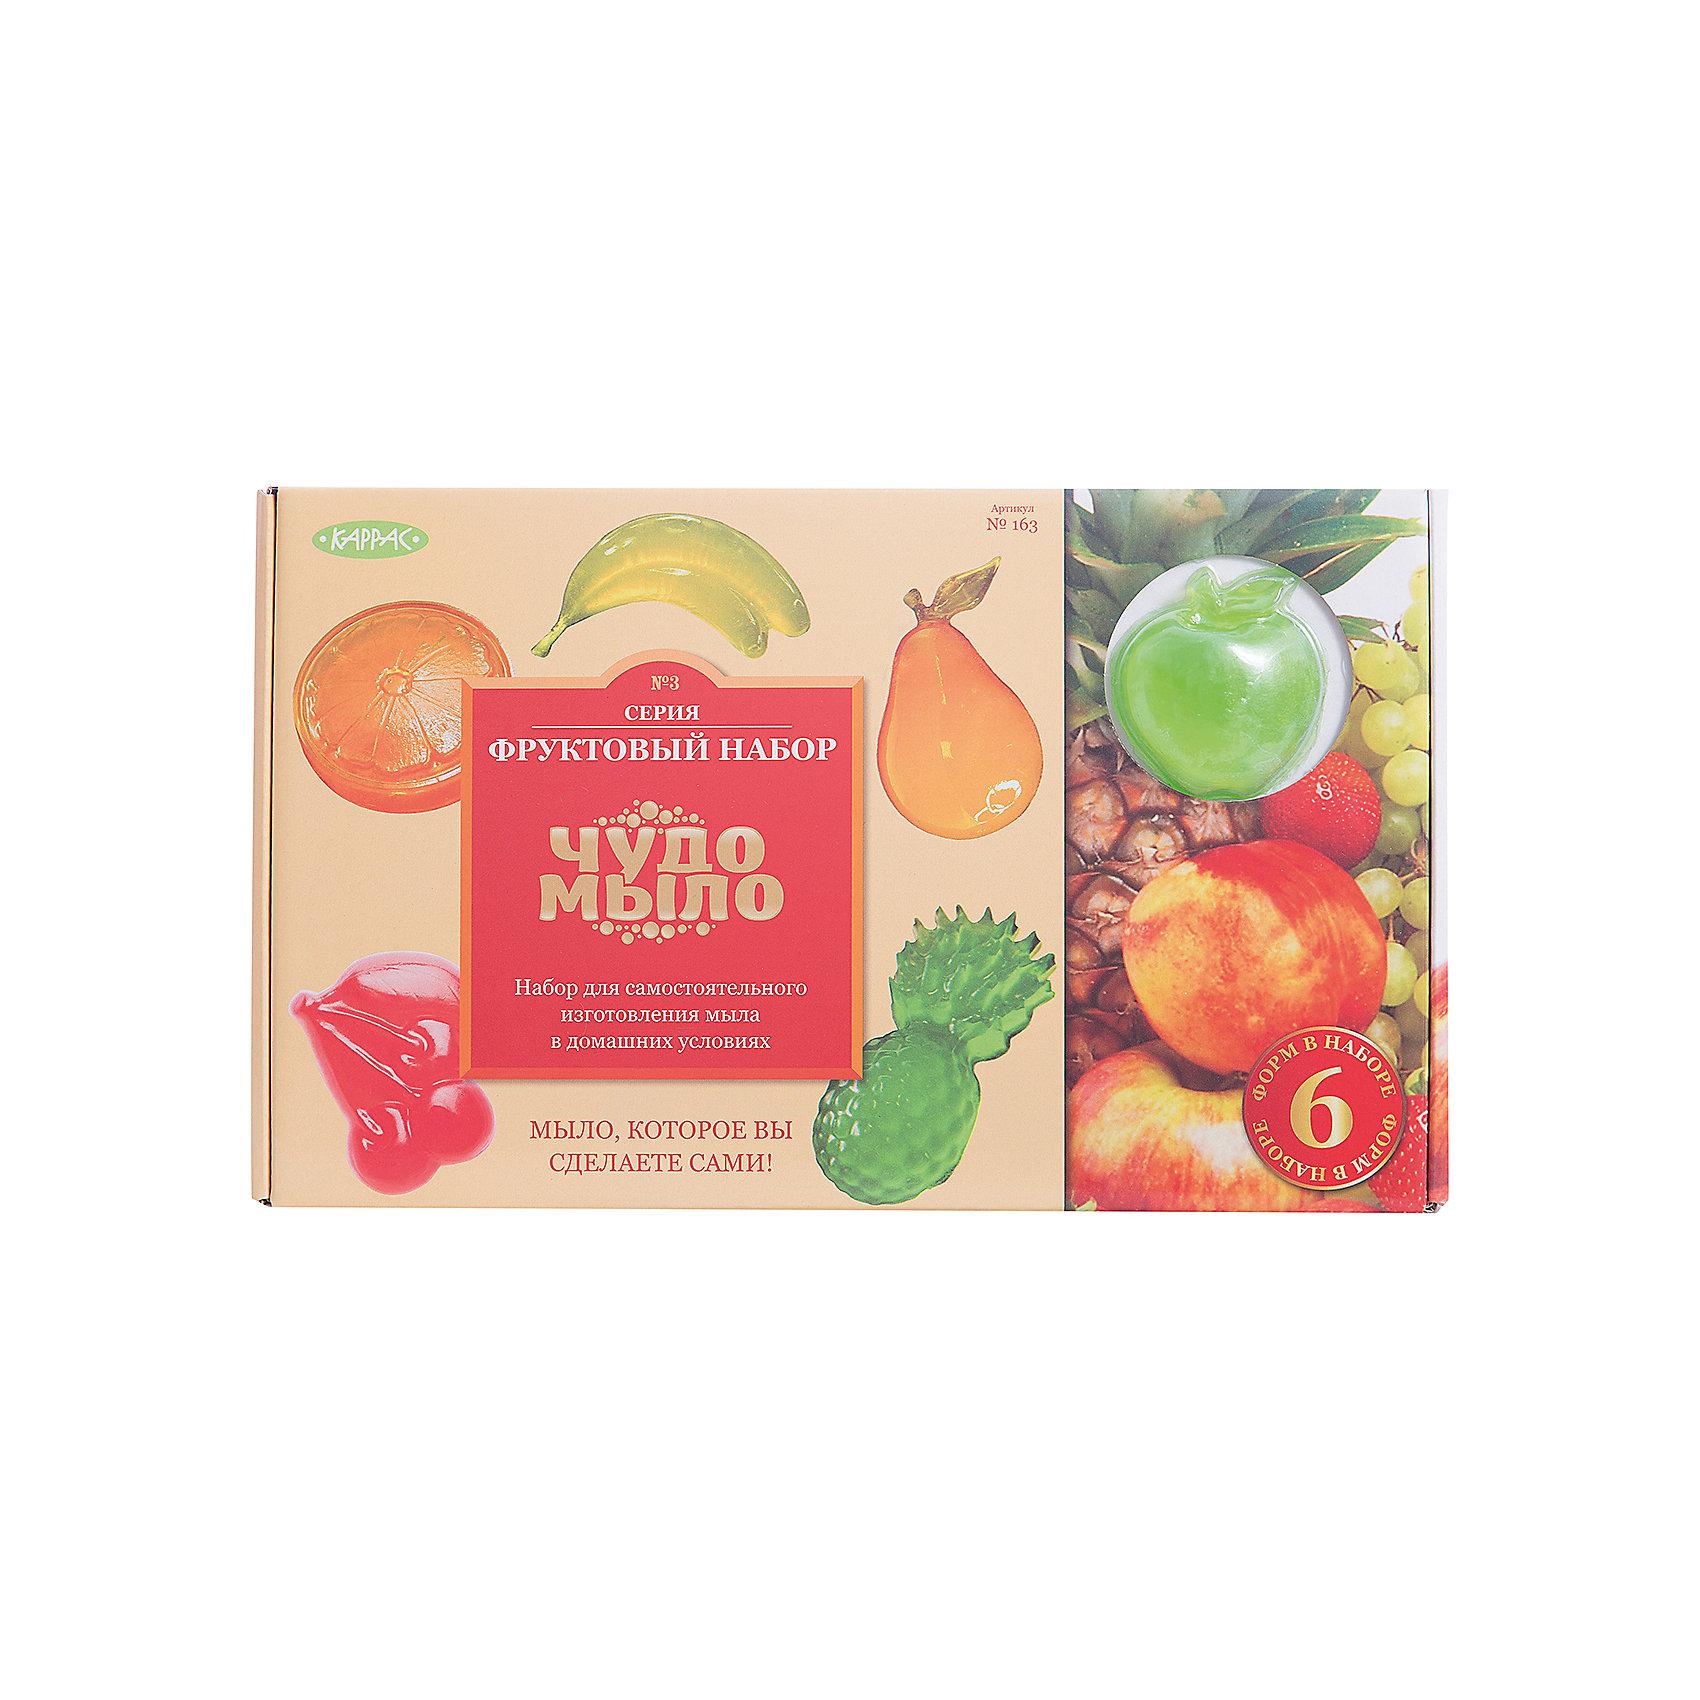 Каррас Чудо-Мыло Фруктовый набор  (большой набор) набор для изготовления мыла фруктовый набор